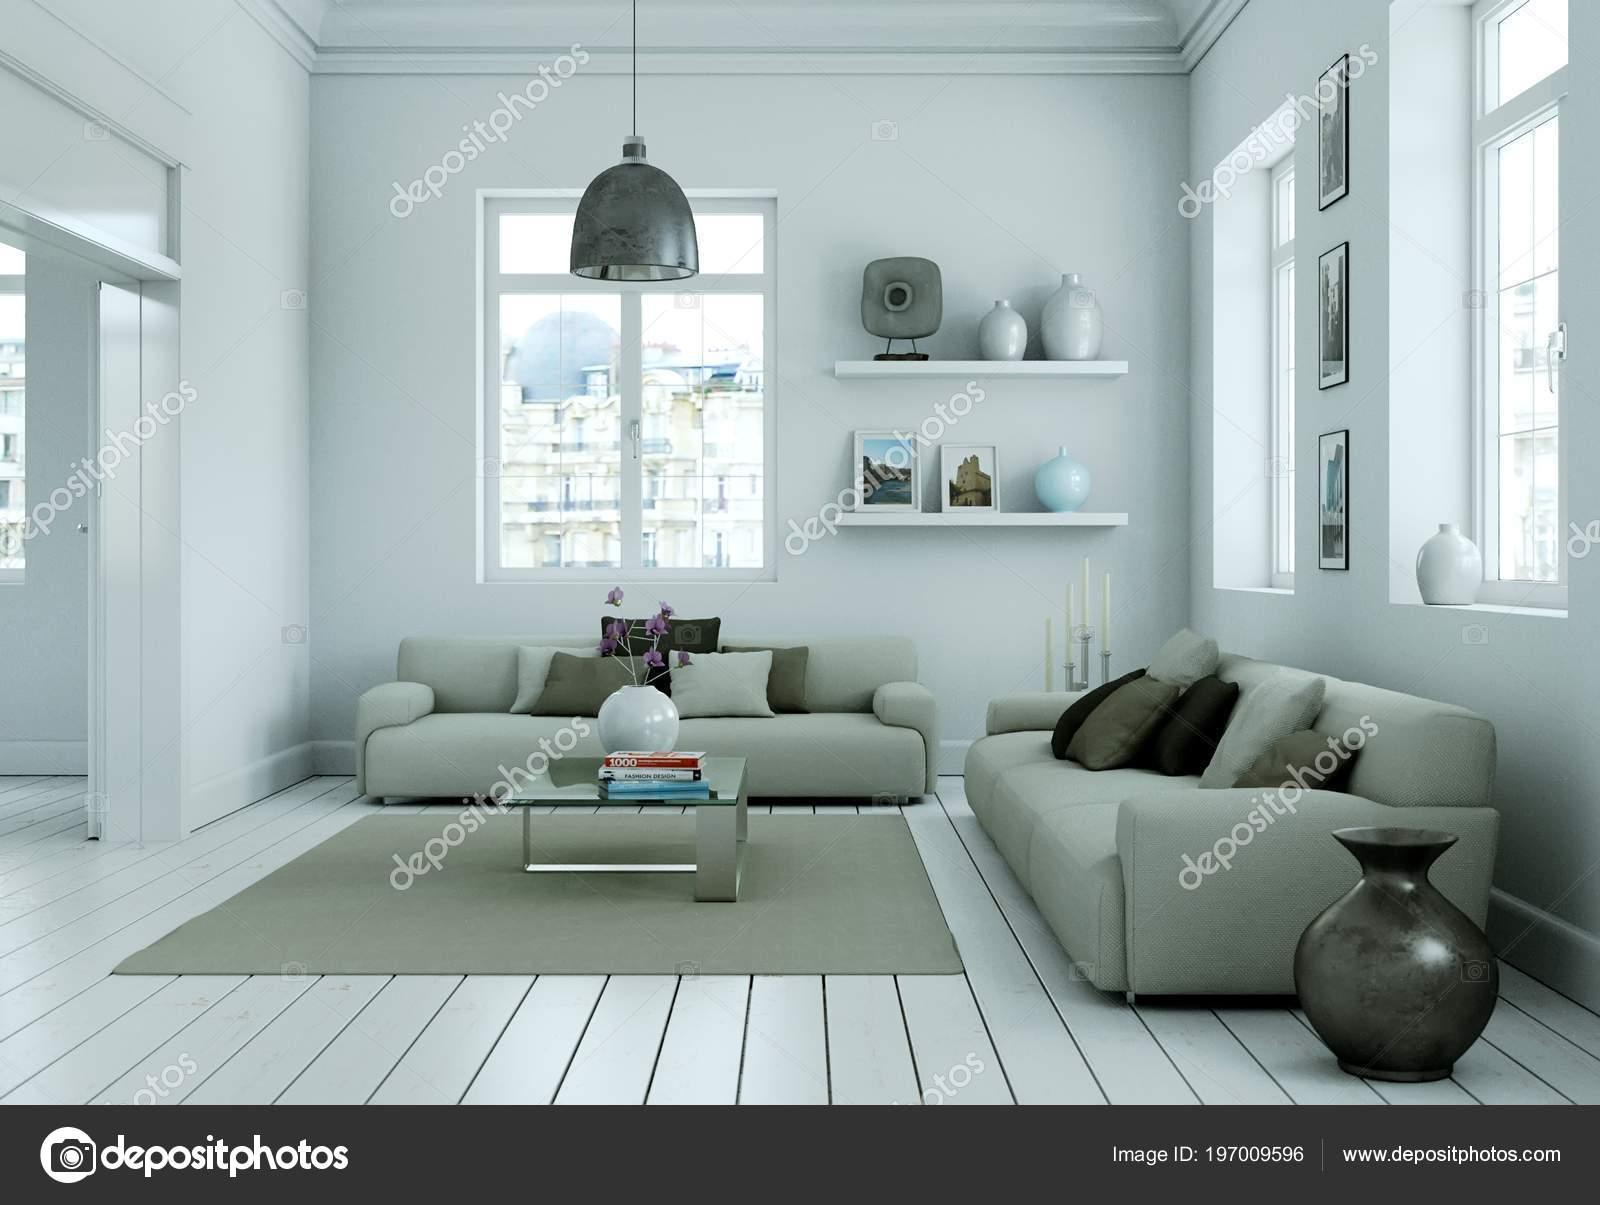 E moderno dise o de interiores living comedor en estilo - Diseno de interiores modernos ...